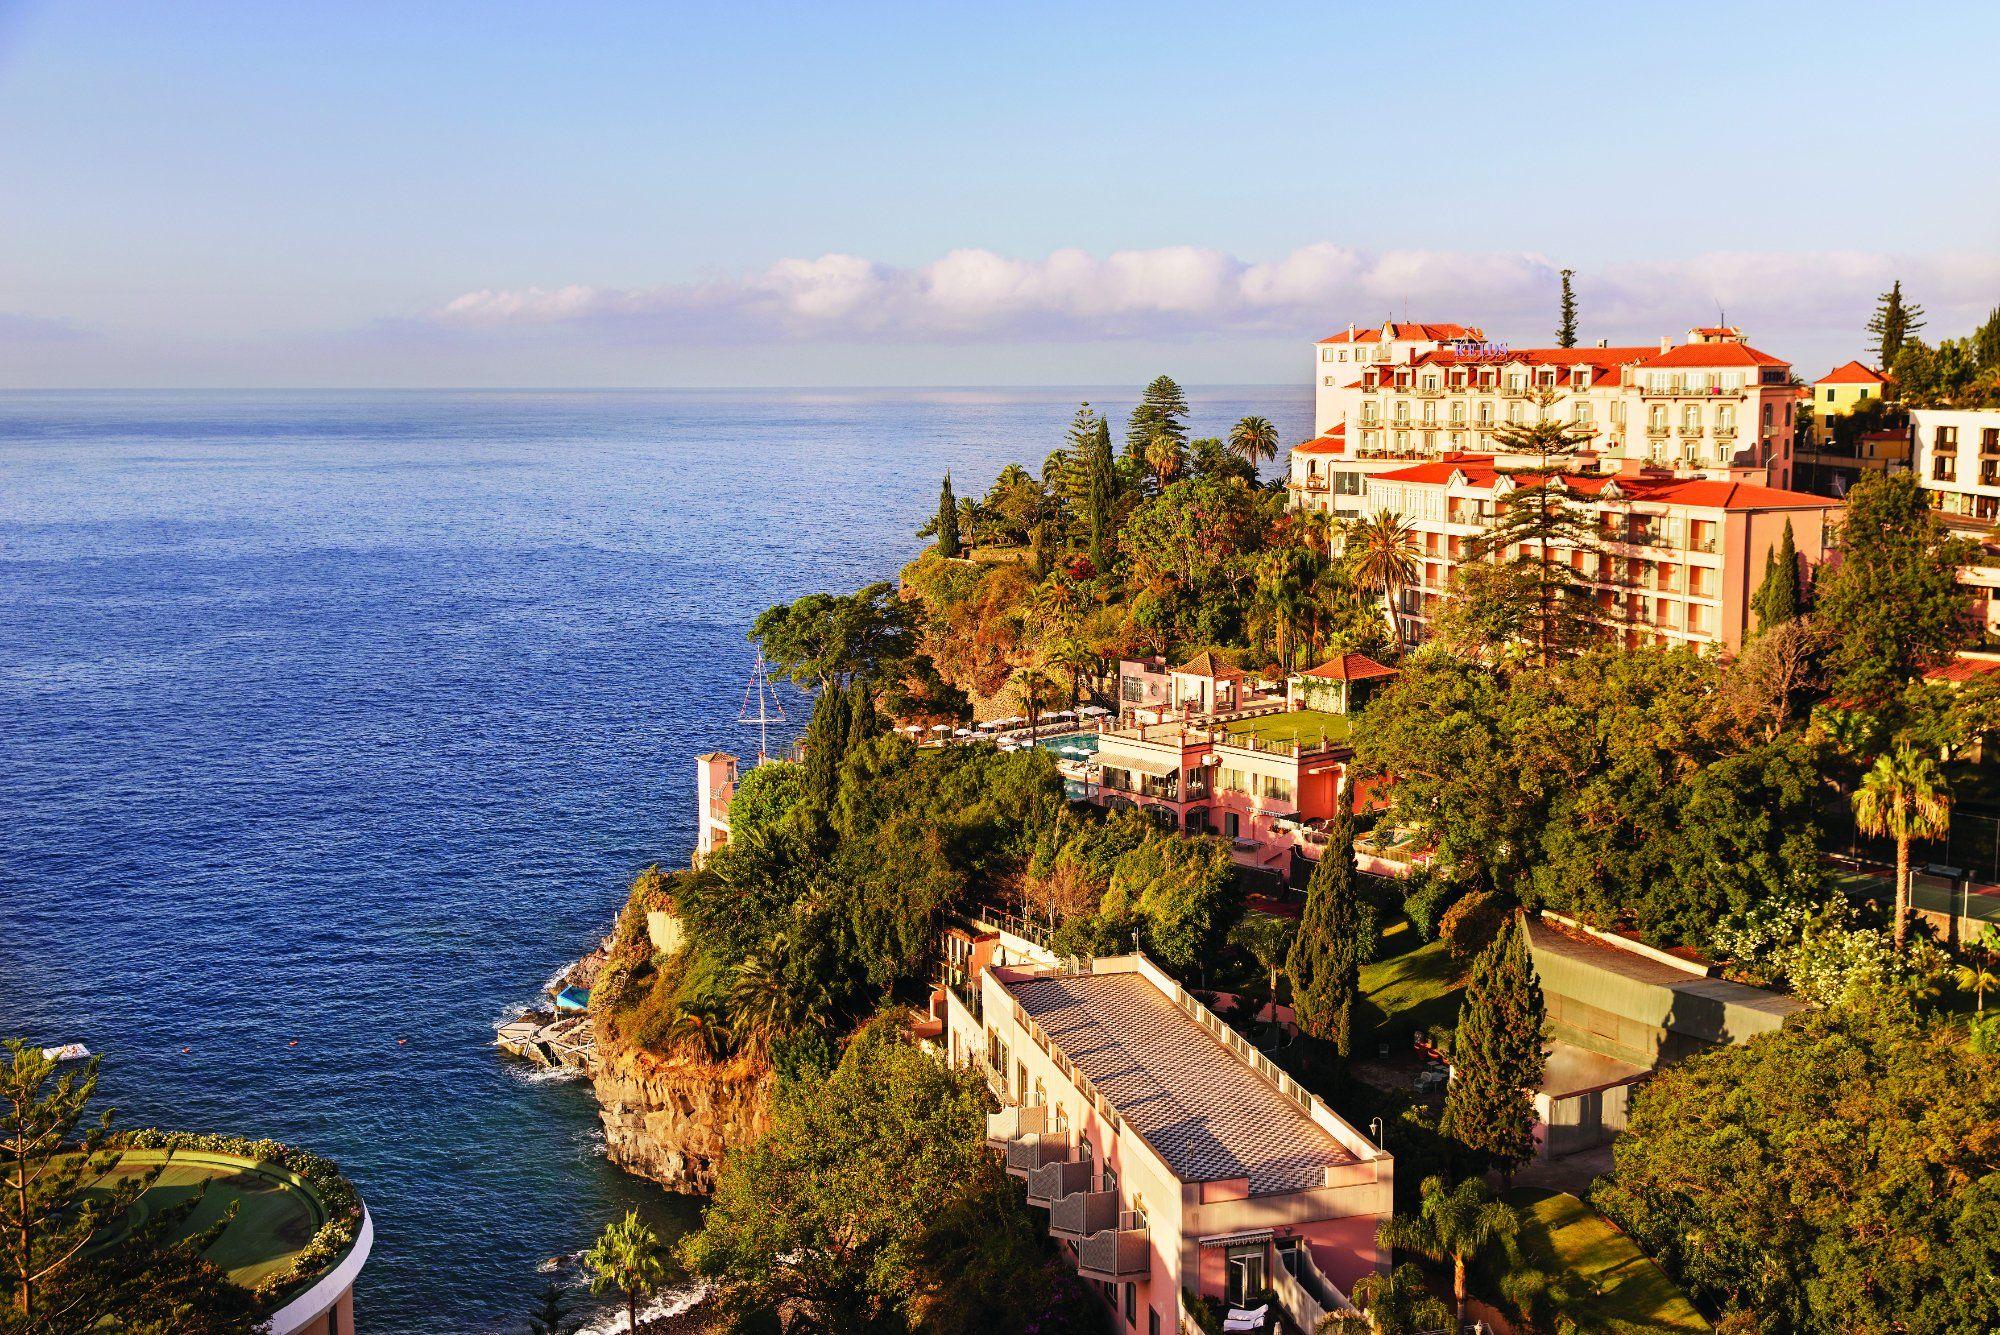 2fb687b9c3a37b4614808715570eab3e - Hotel Ocean Gardens Portugal Madeira Funchal